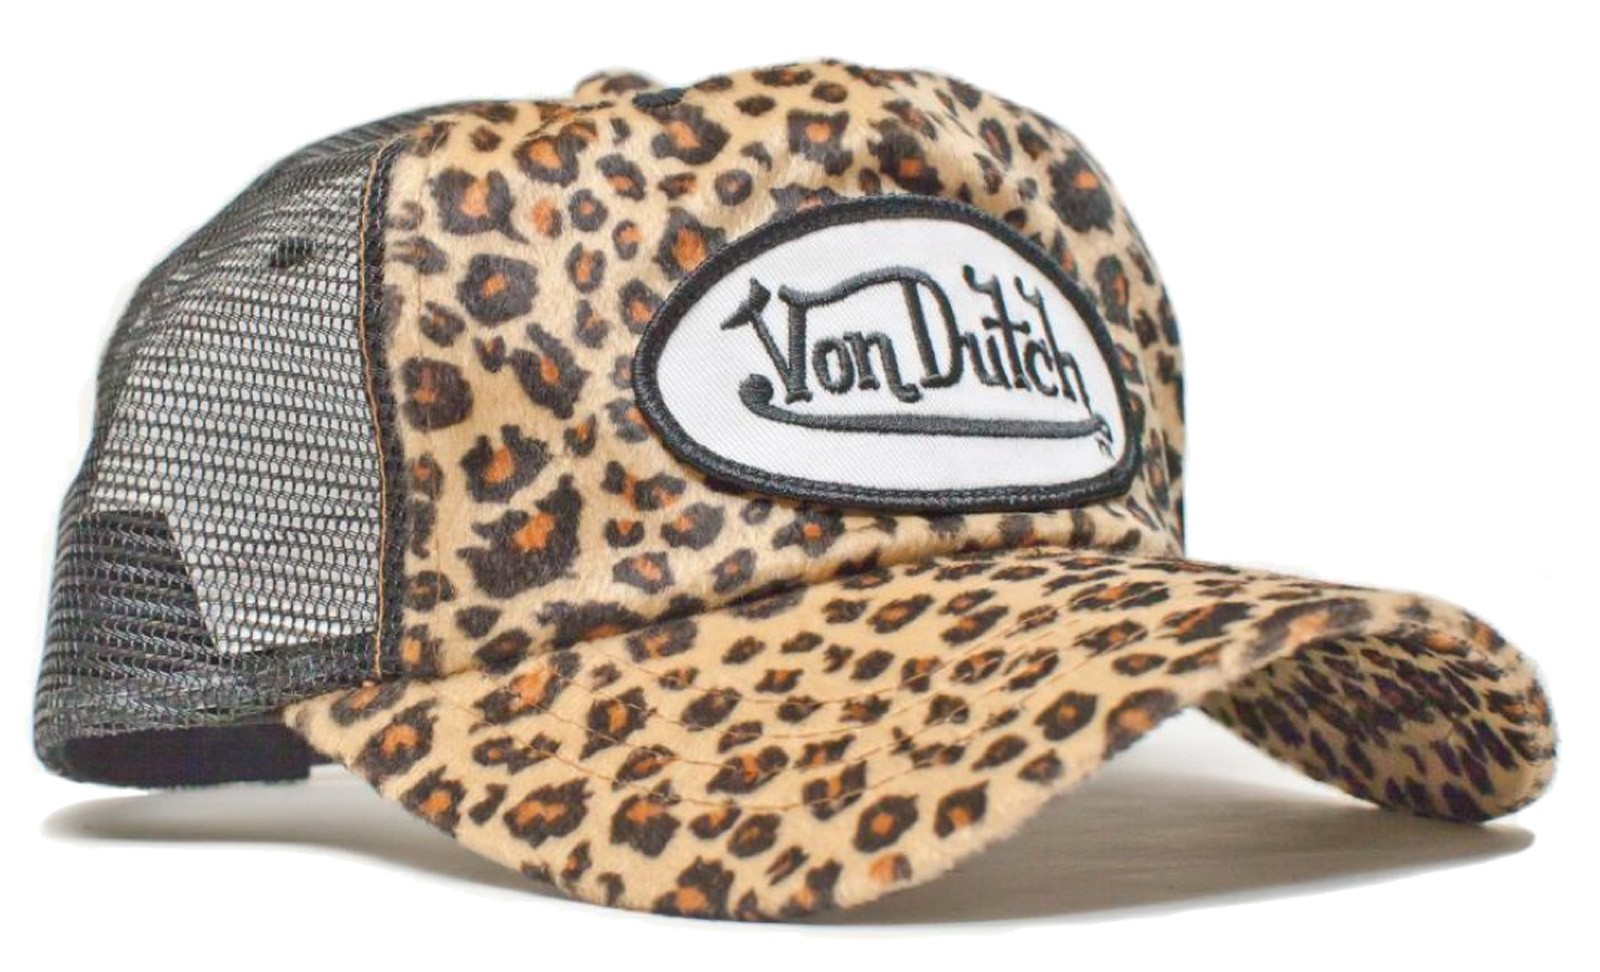 Von Dutch - Cheetah Trucker Cap